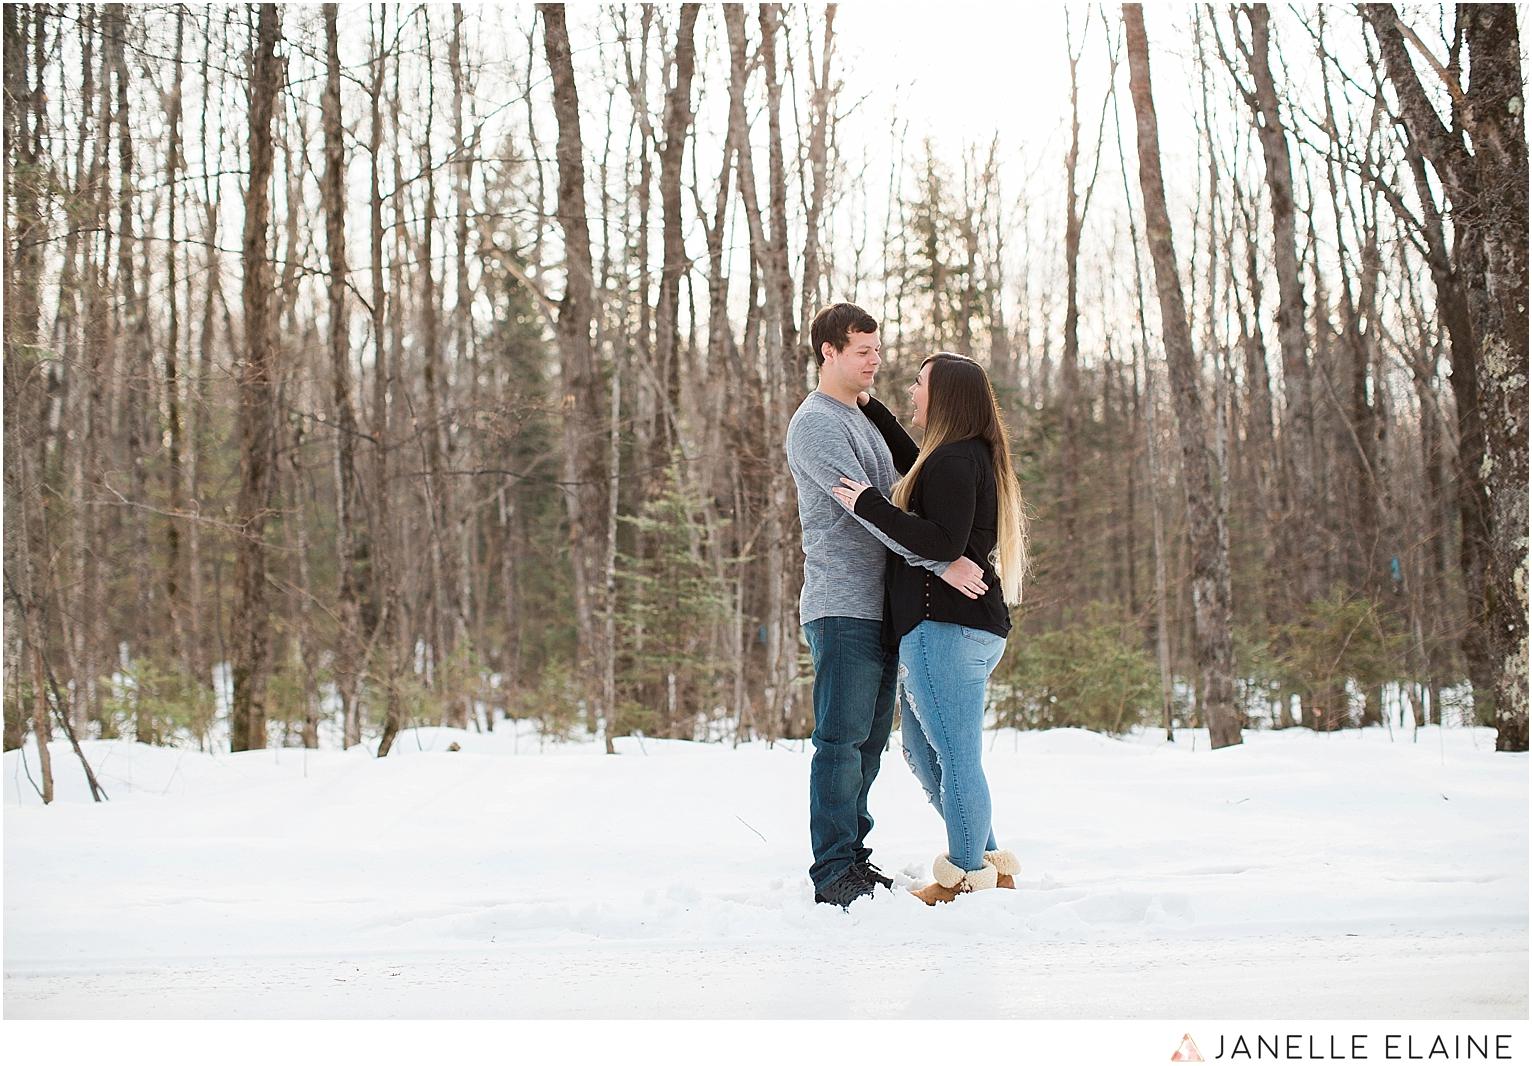 seattle-washington-engagement-photographers-janelle elaine-4.jpg